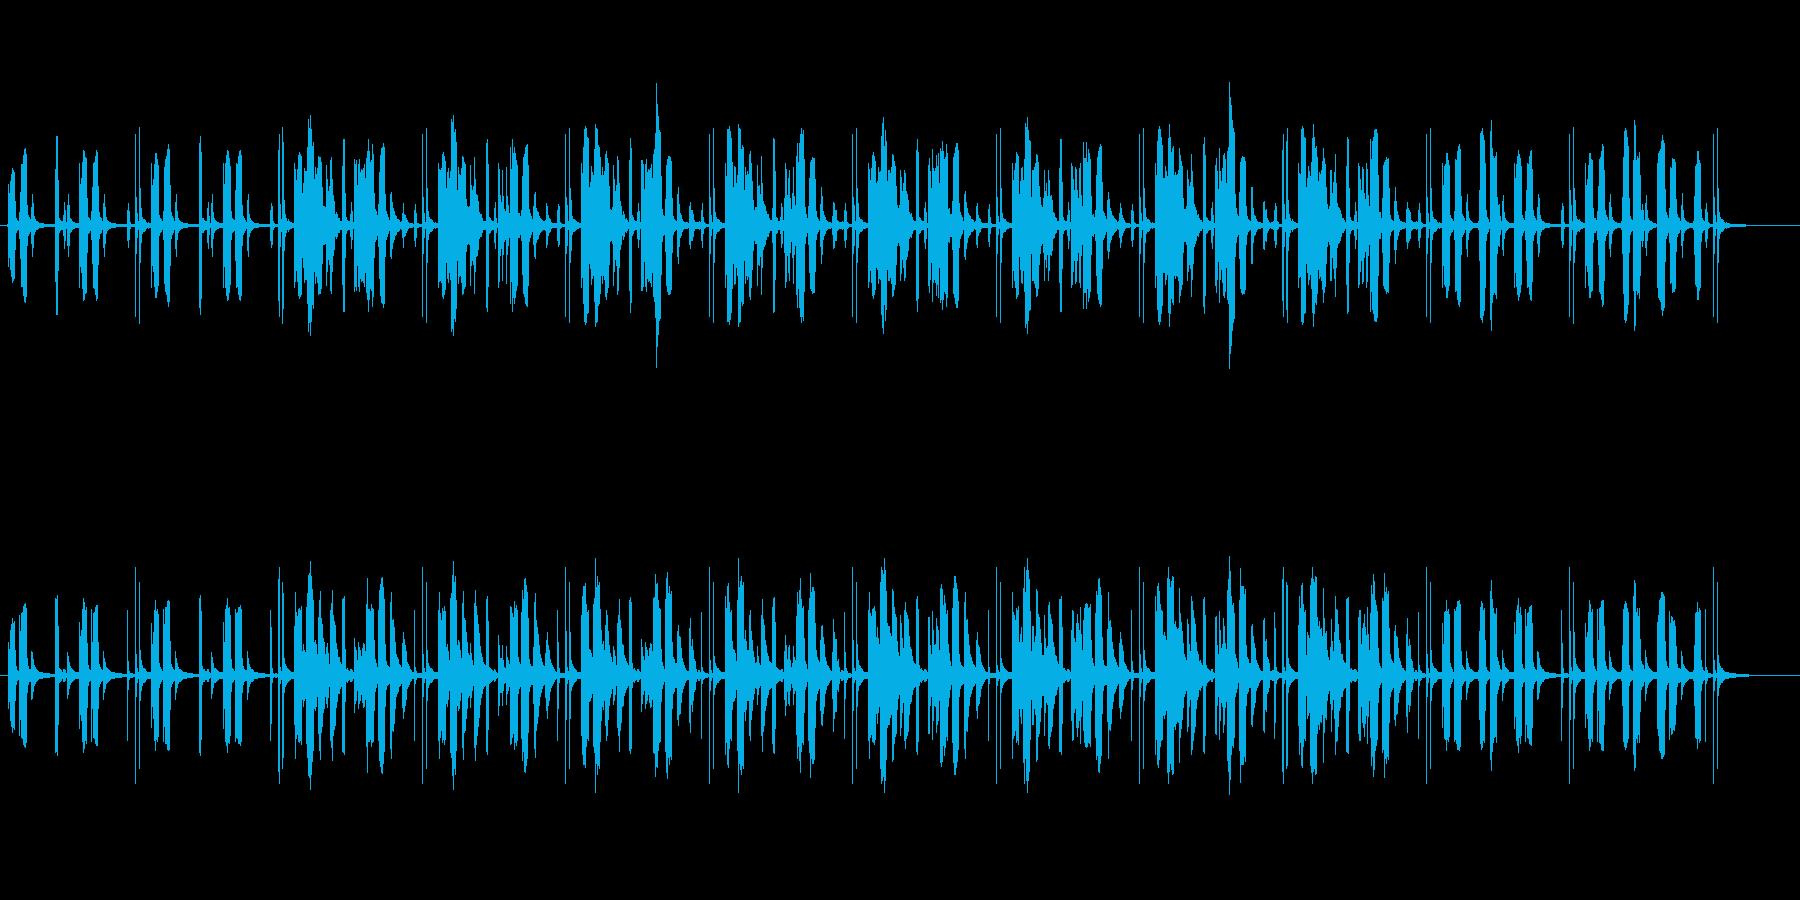 気の抜けた脱力系なBGMの再生済みの波形